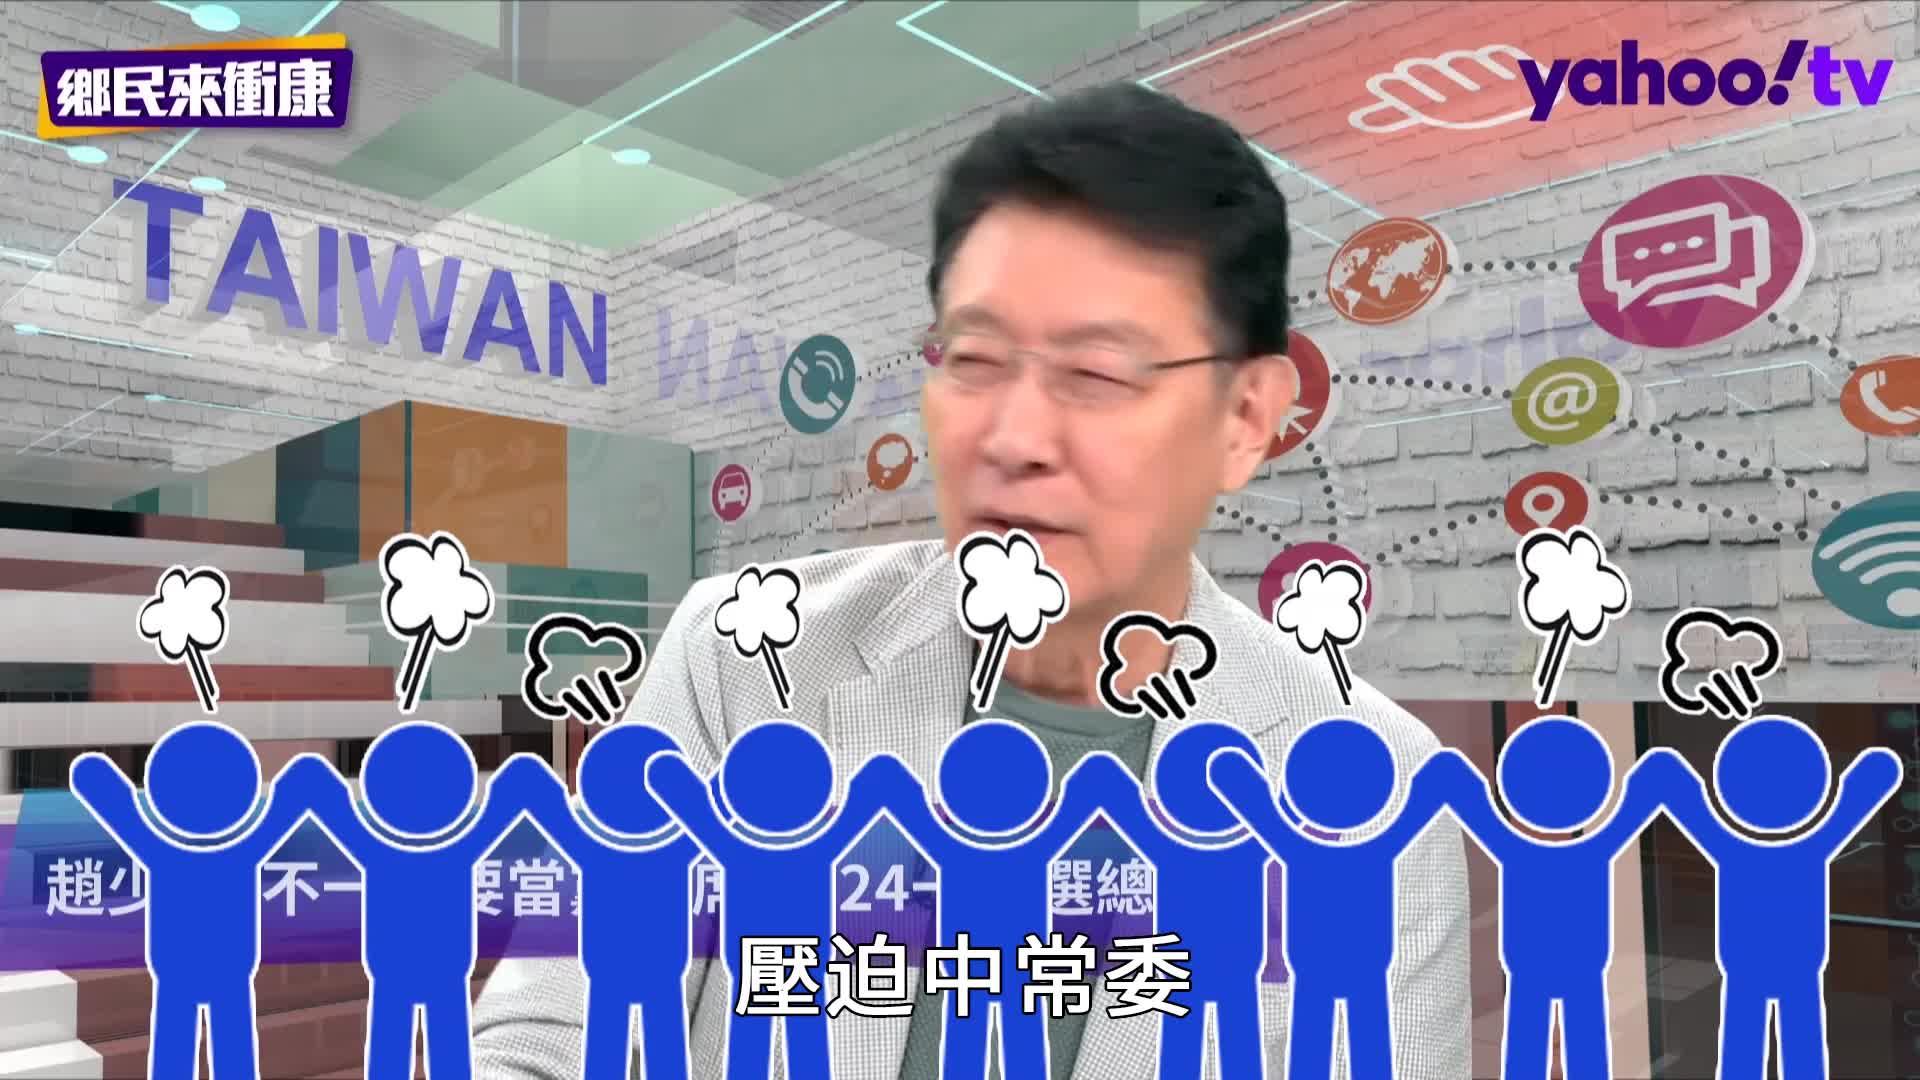 國民黨一年條款卡趙?韓國瑜選不選黨魁看這件事